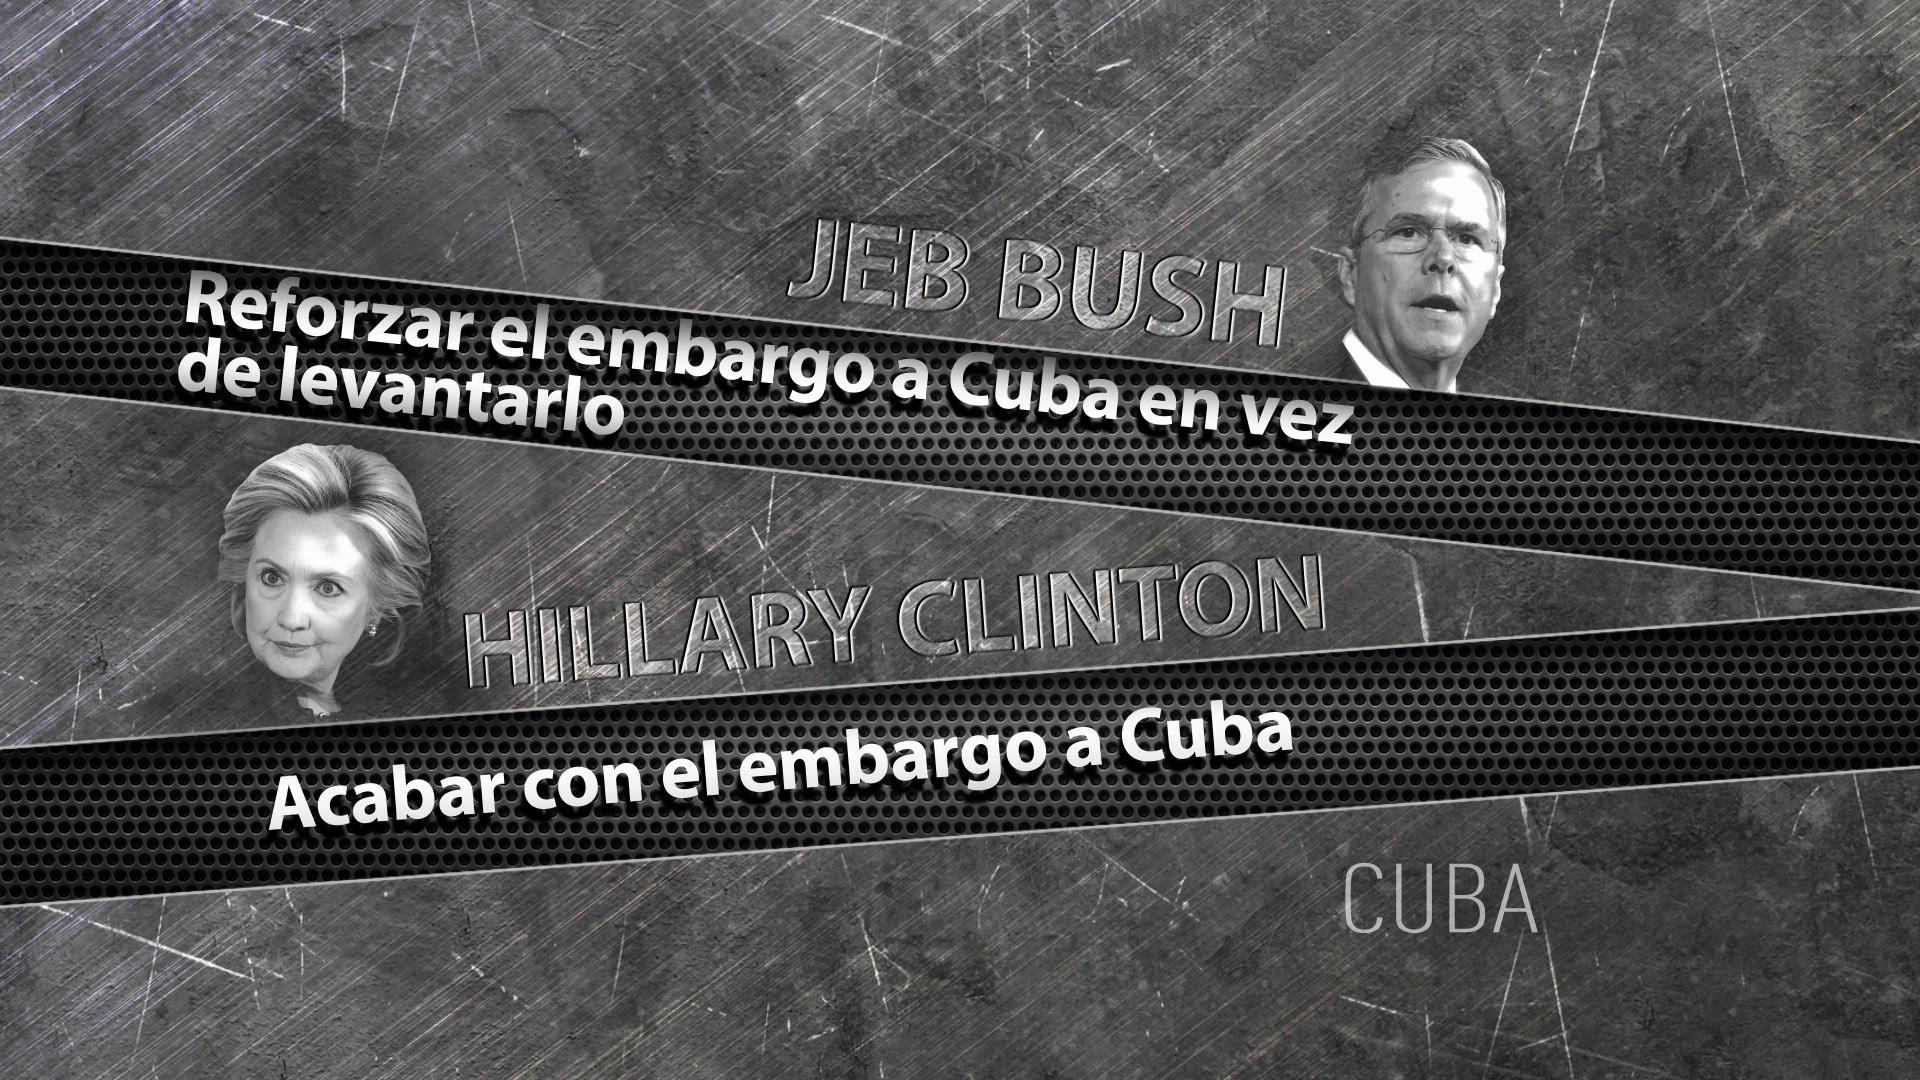 Las posturas de Jeb Bush y Hillary Clinton sobre Cuba